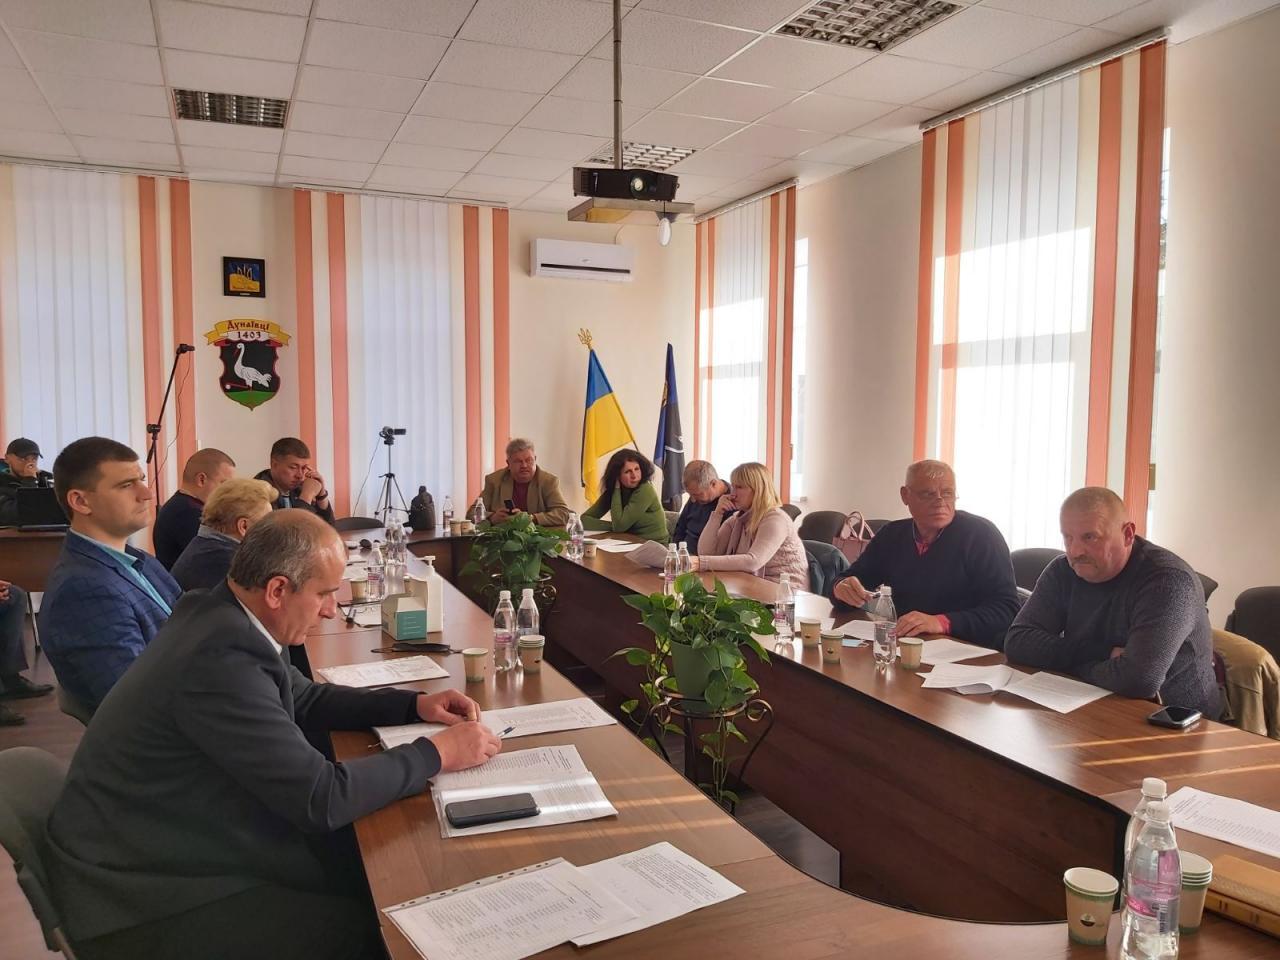 http://dunrada.gov.ua/uploadfile/archive_news/2021/10/11/2021-10-11_4663/images/images-81294.jpg